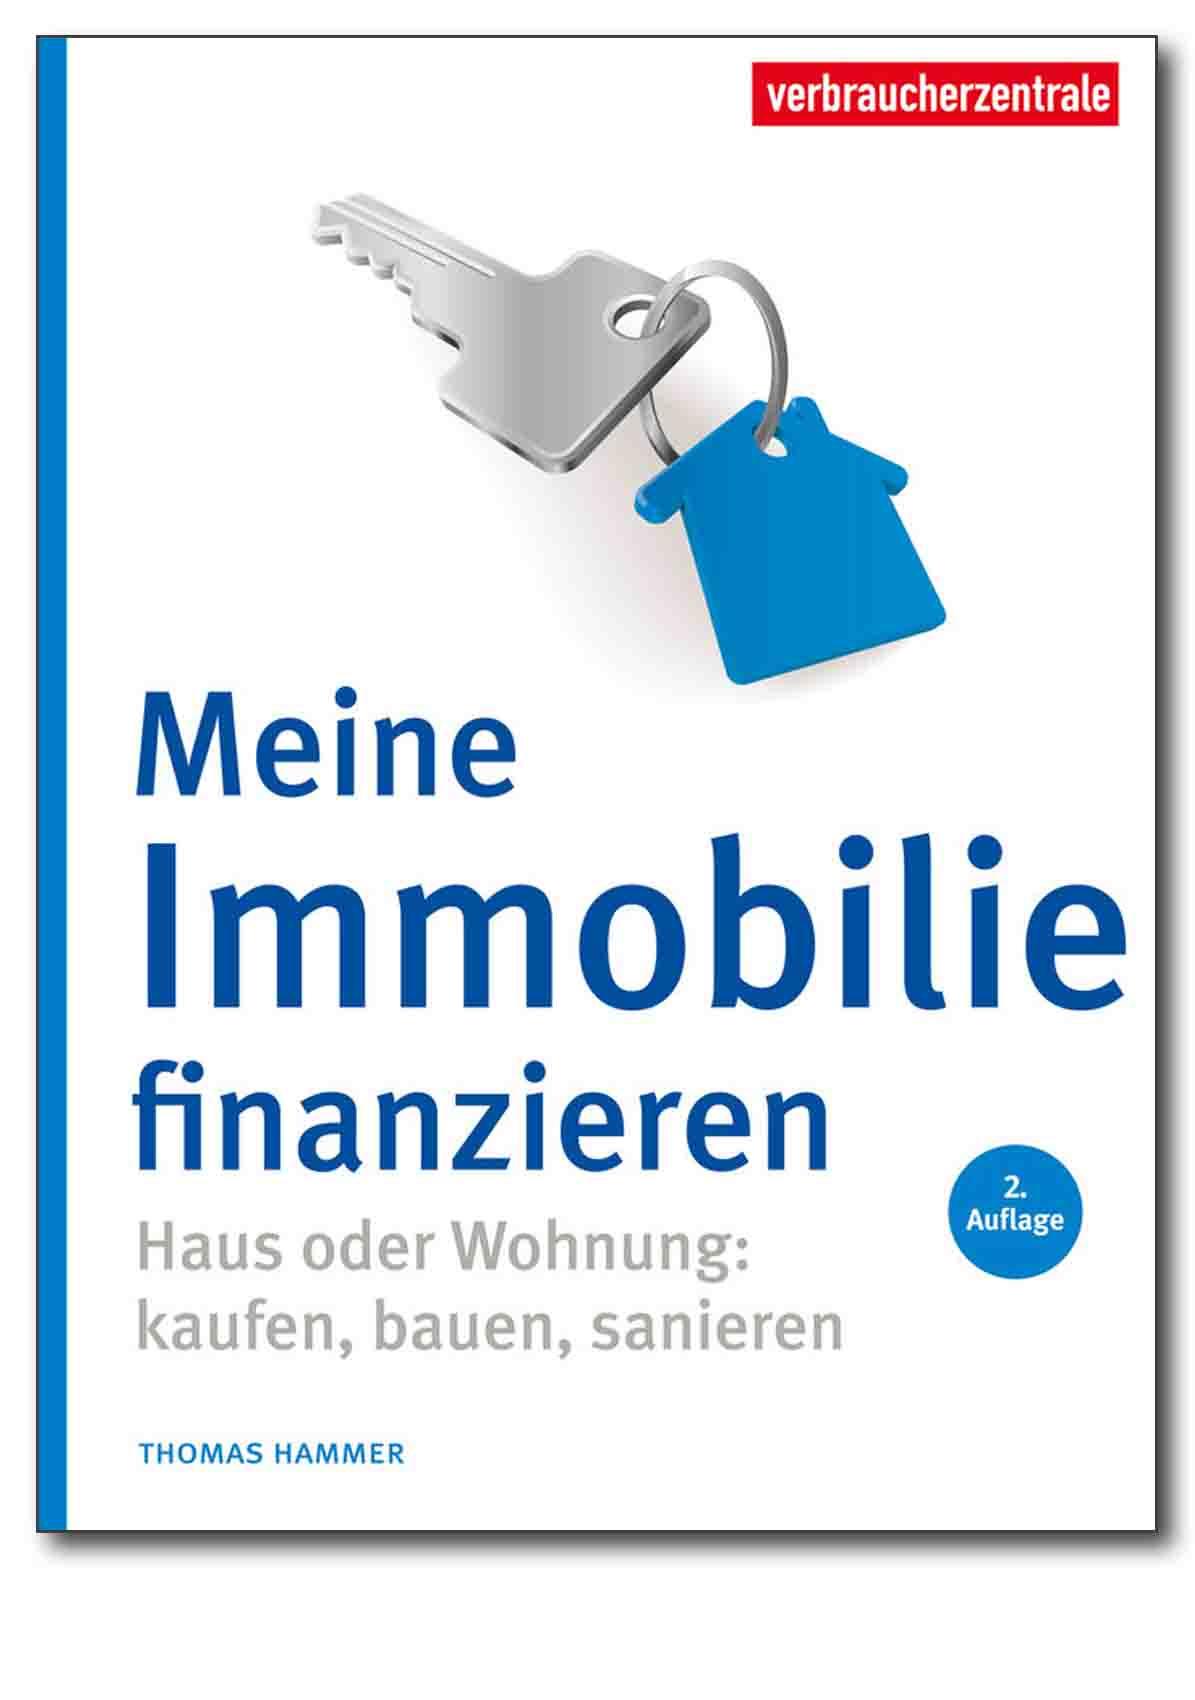 Buch - Meine Immobilie finanzieren - Verbraucherzentrale